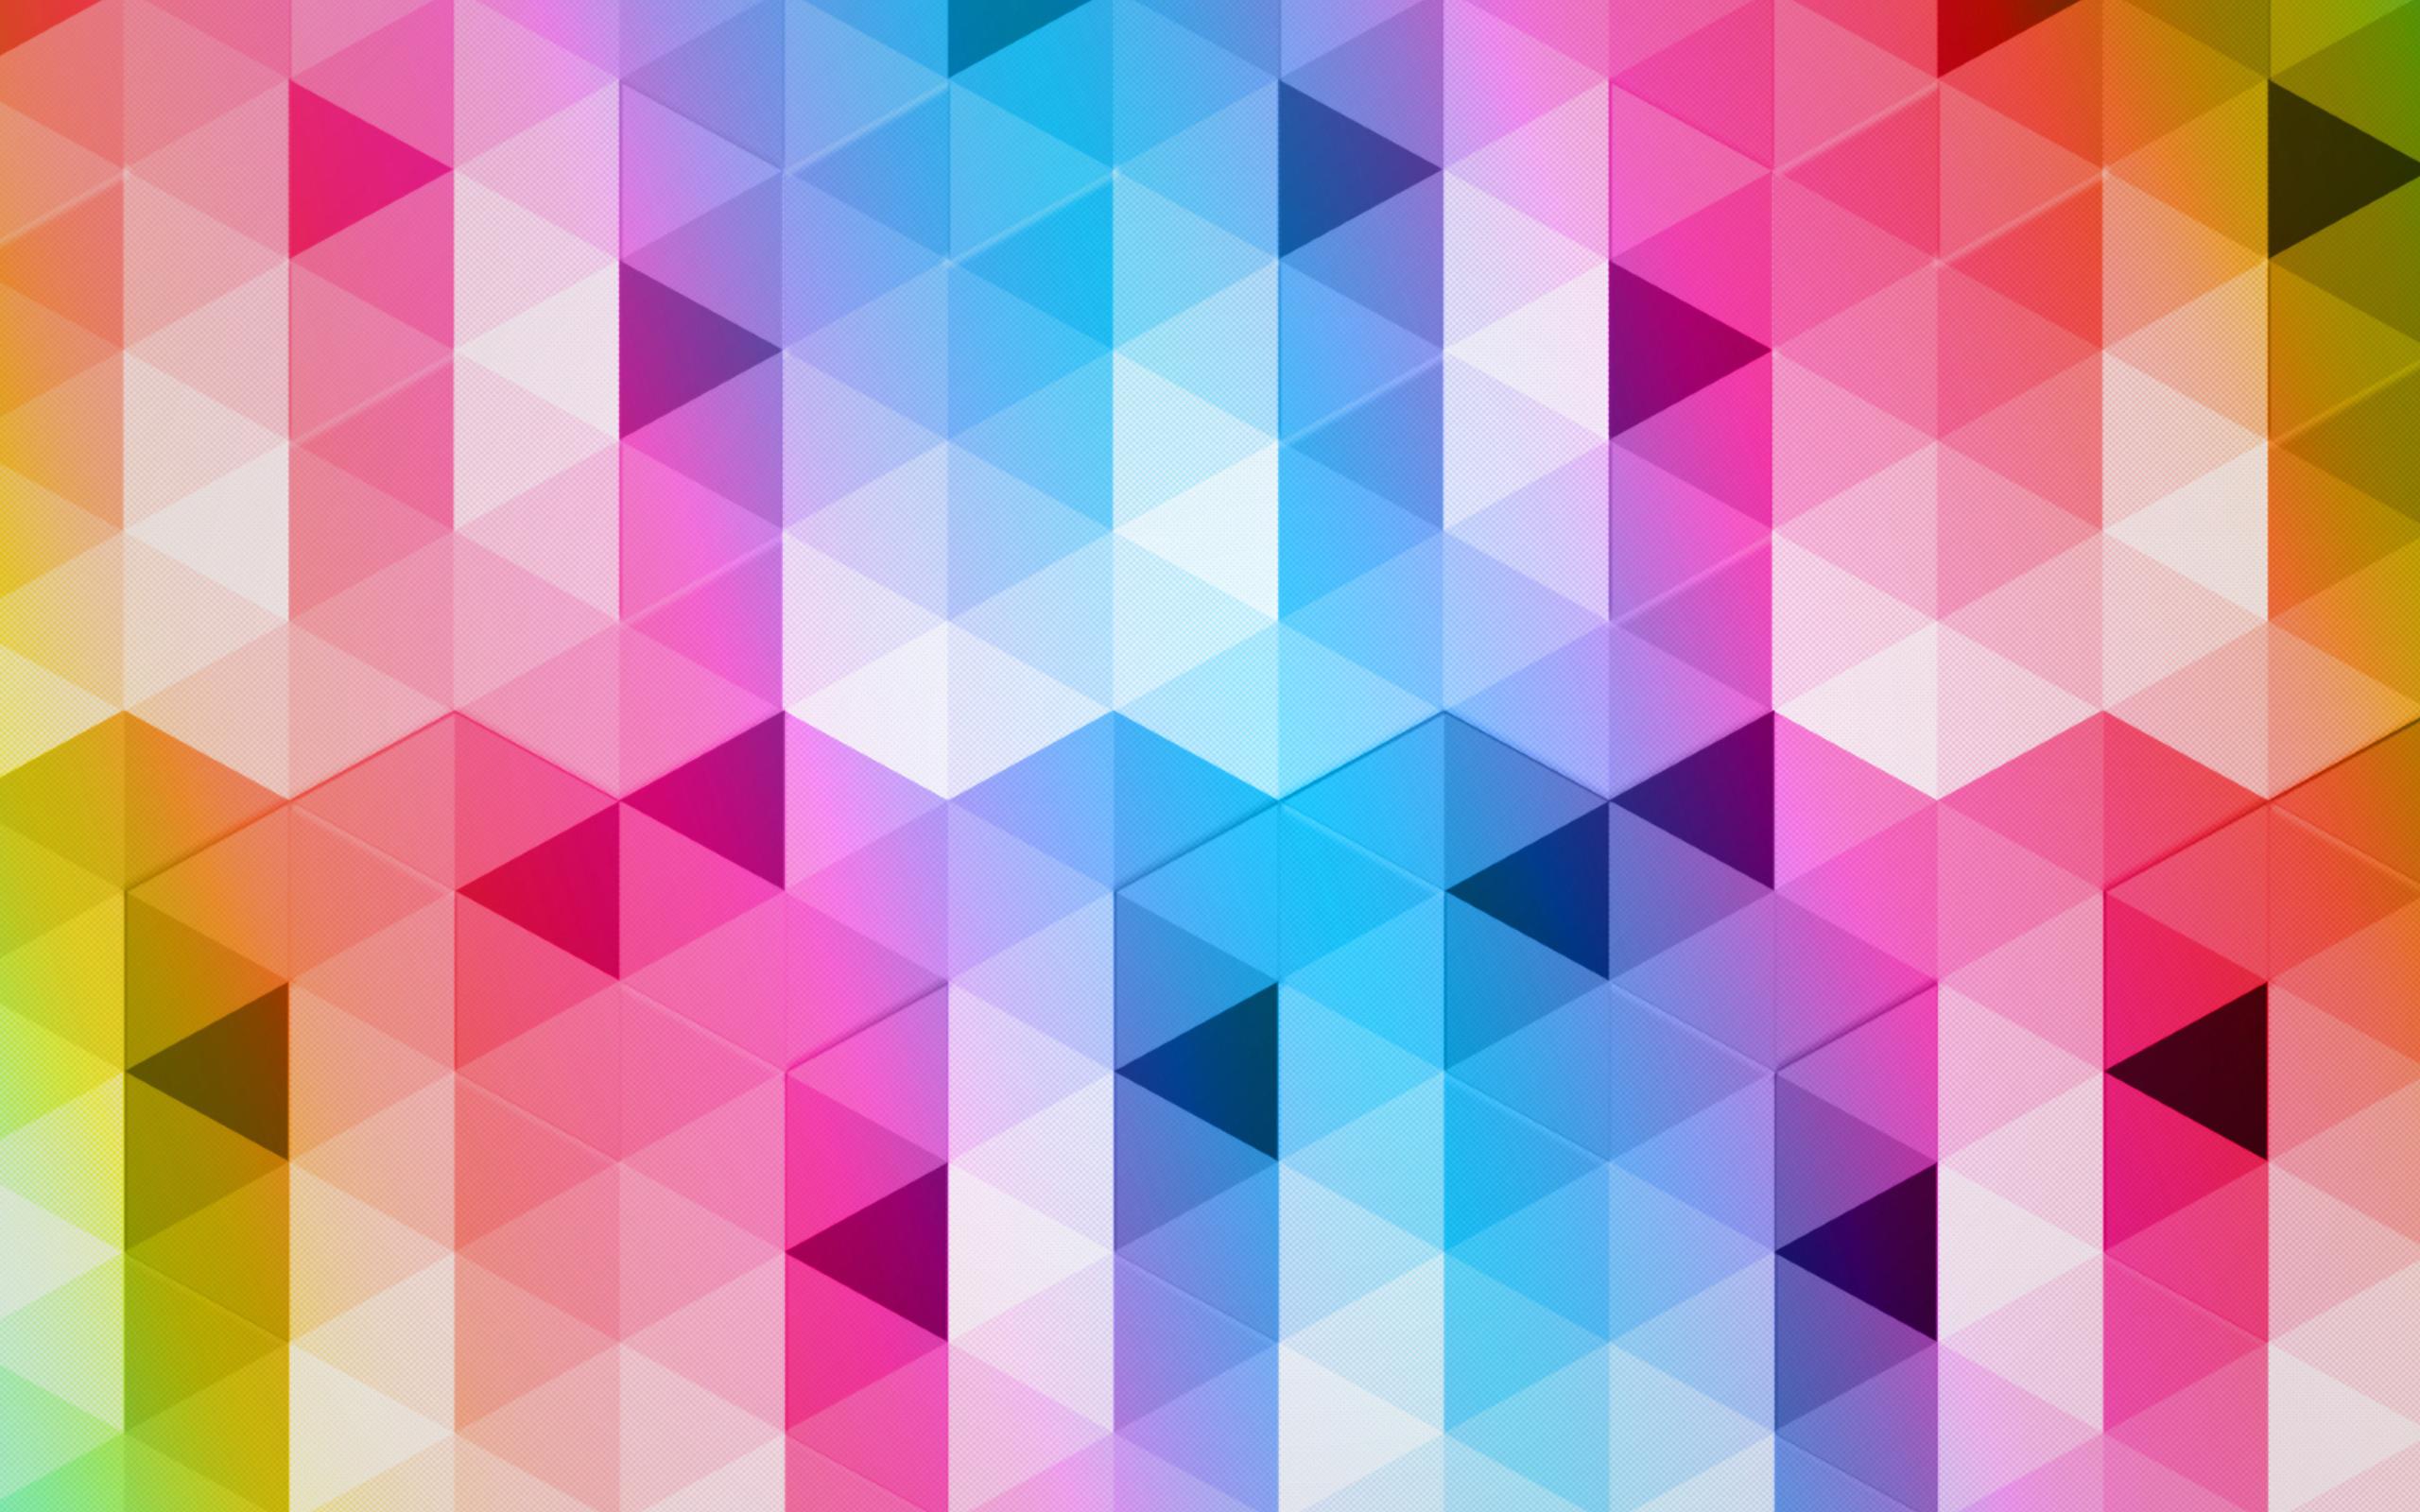 Abstract Background HD Desktop Wallpaper 14094 - Baltana